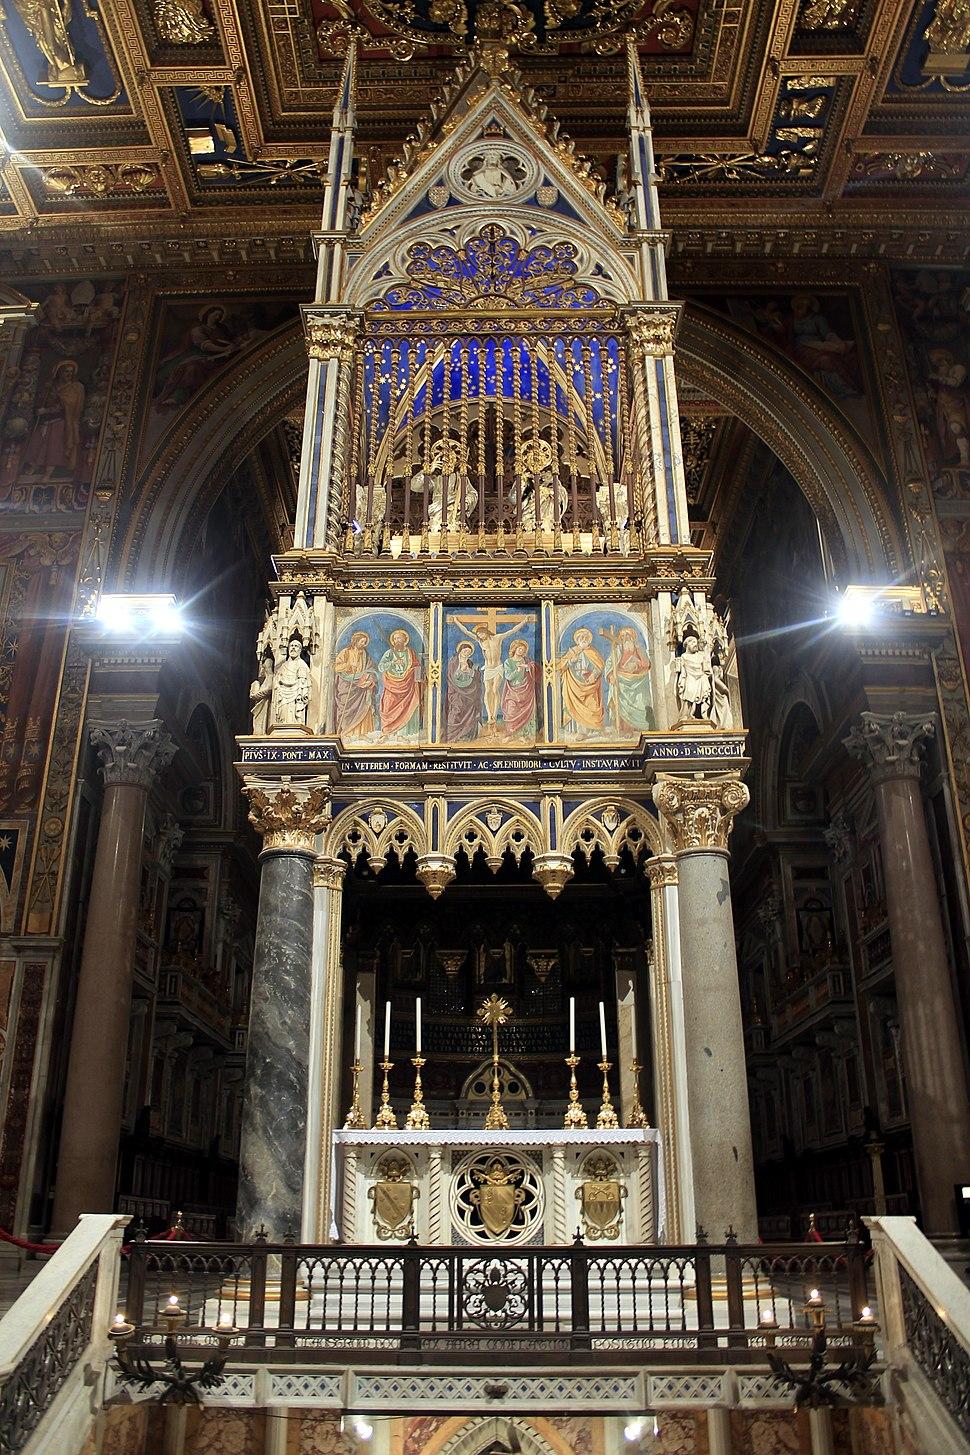 San Giovanni in Laterano - Baldacchino